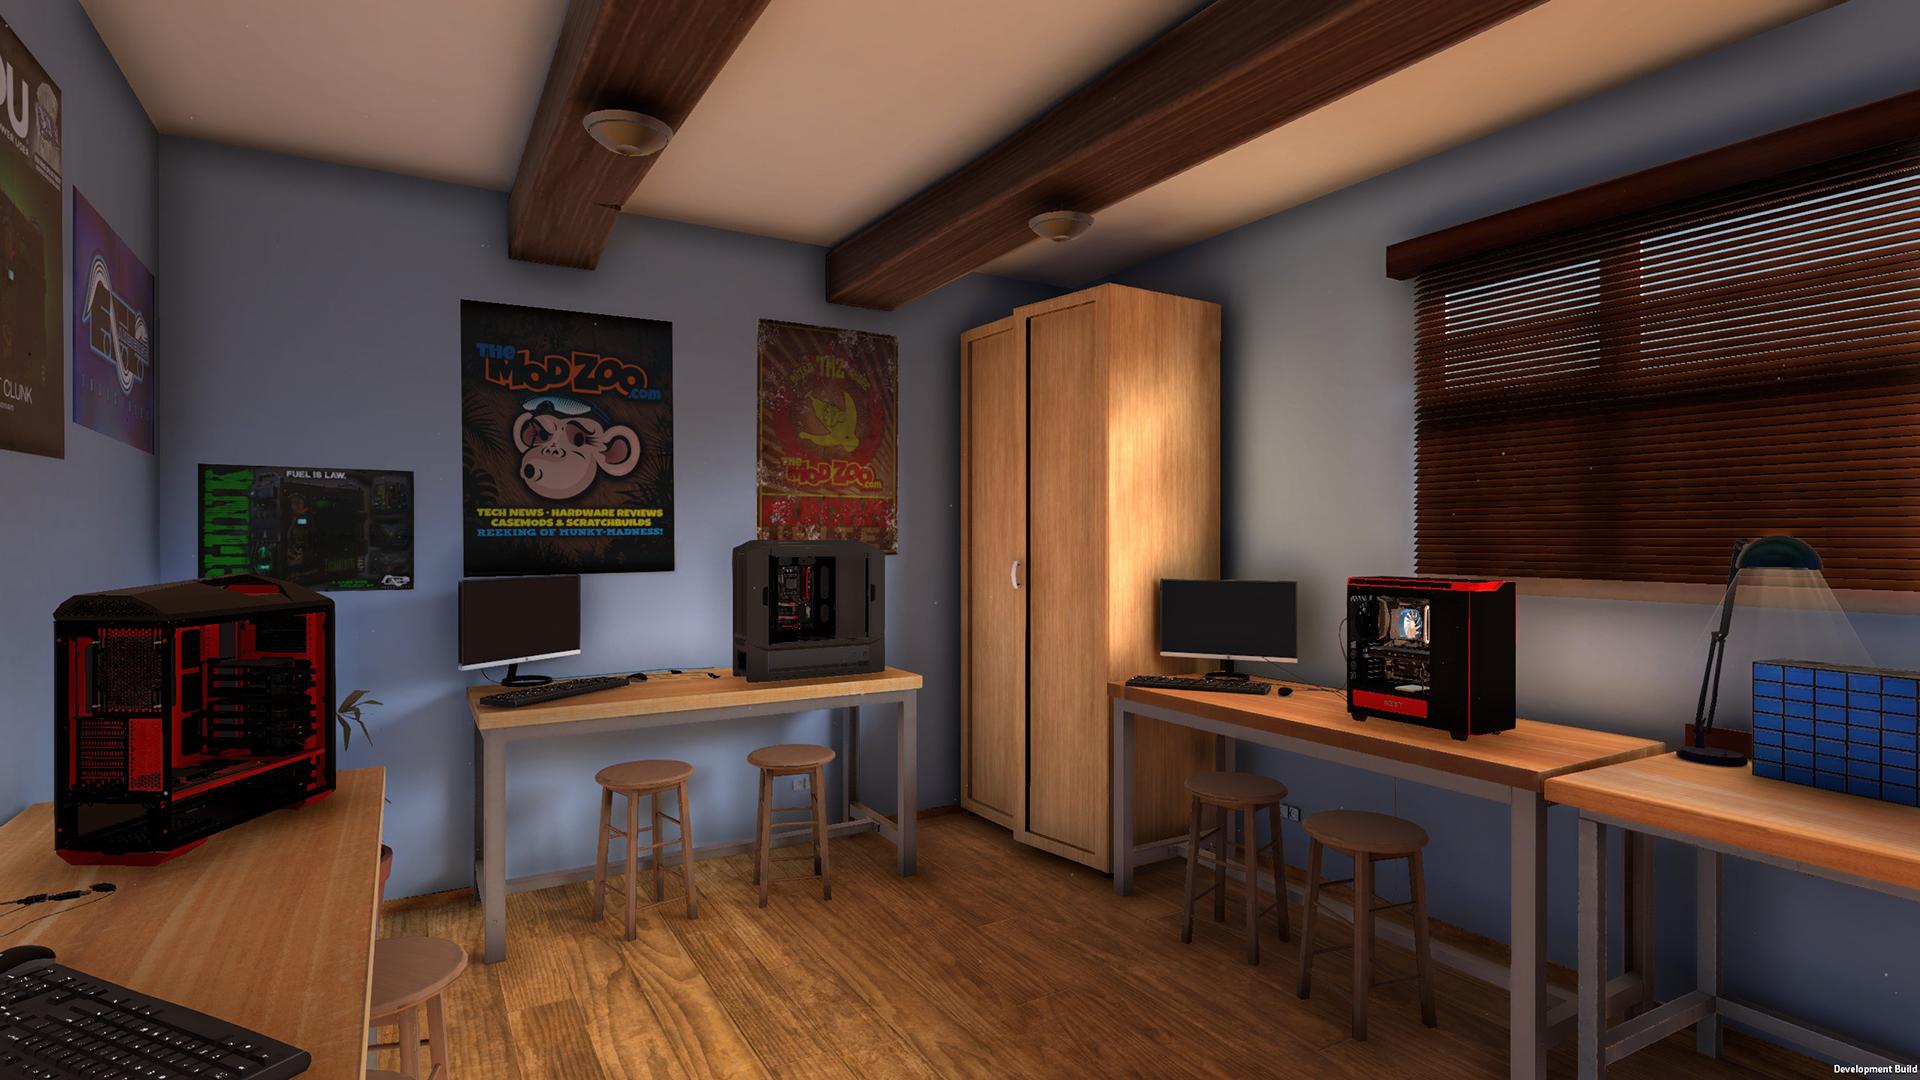 Download PC Building Simulator - V0.8.6.1-ZOTAC - Release 12 July 2018 Torrent